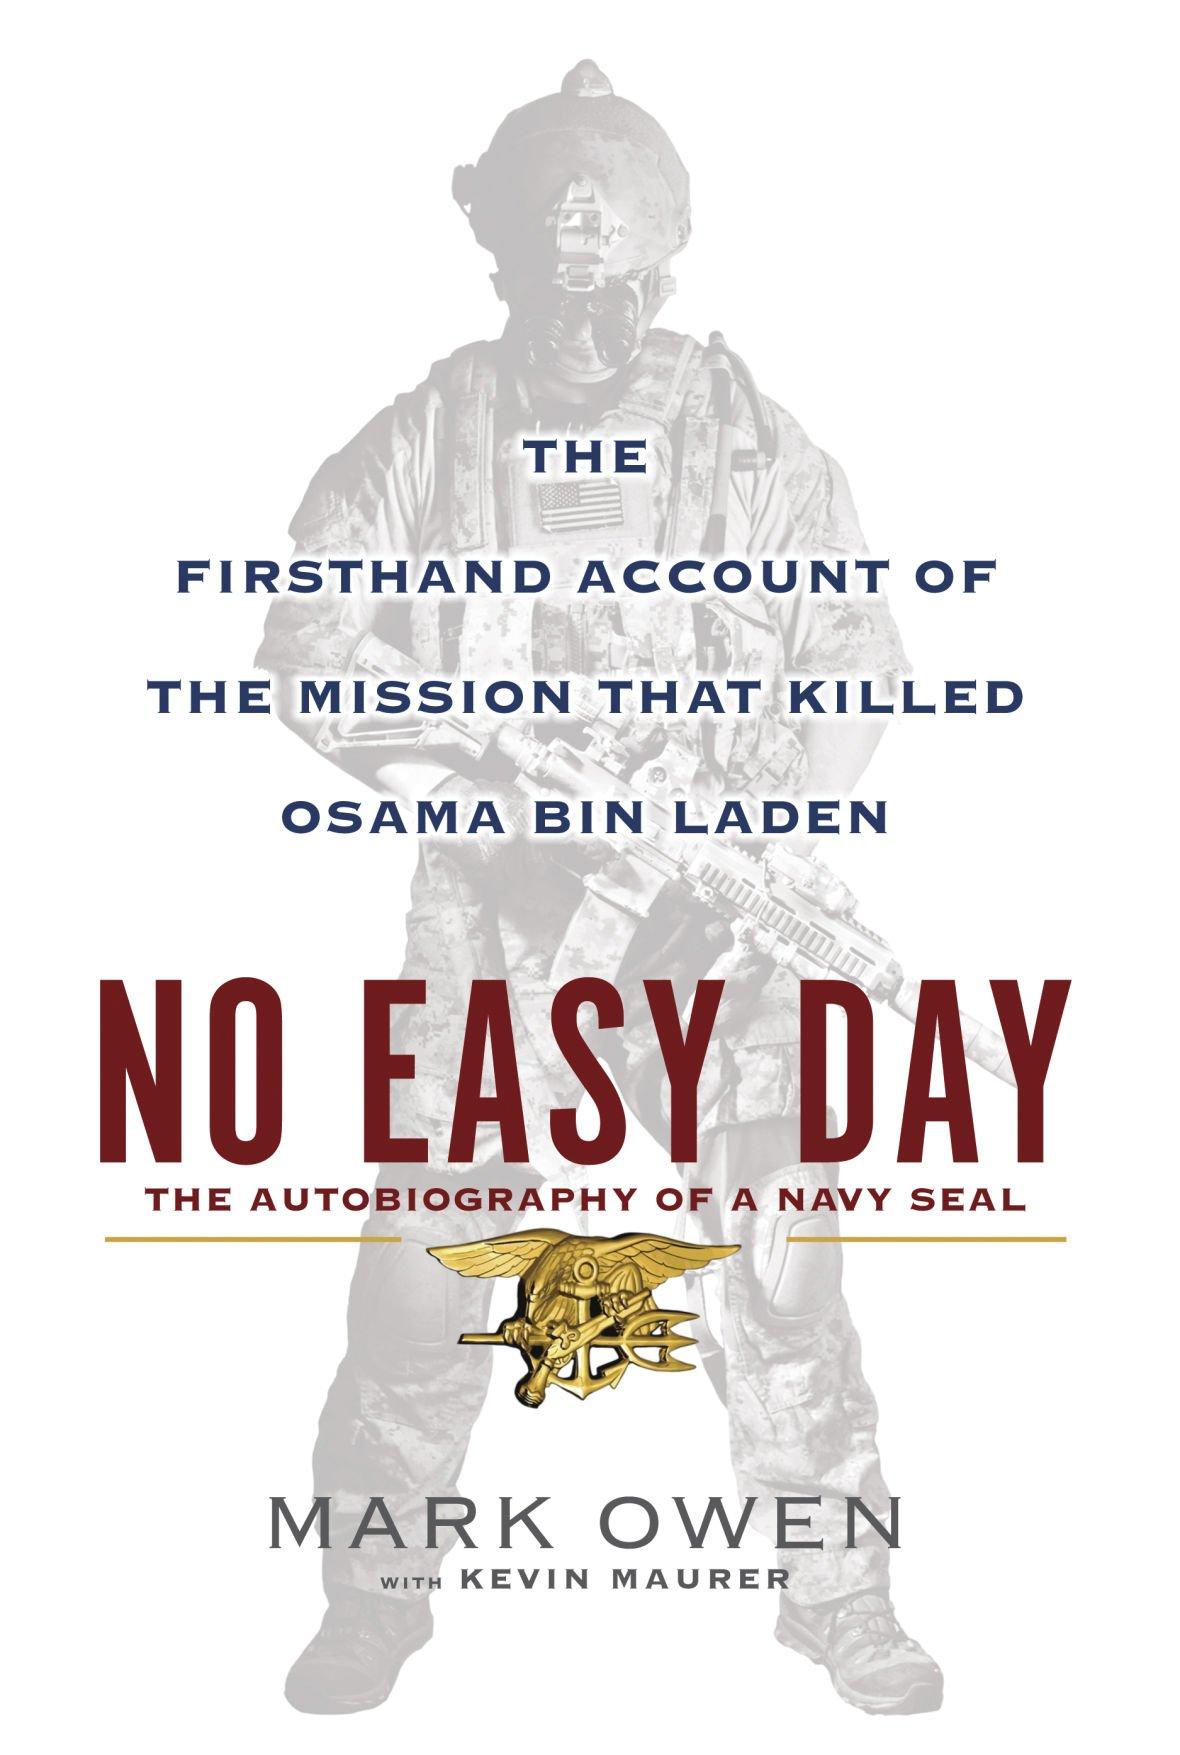 Pentagon: Ex-SEAL's book tells enemies too much